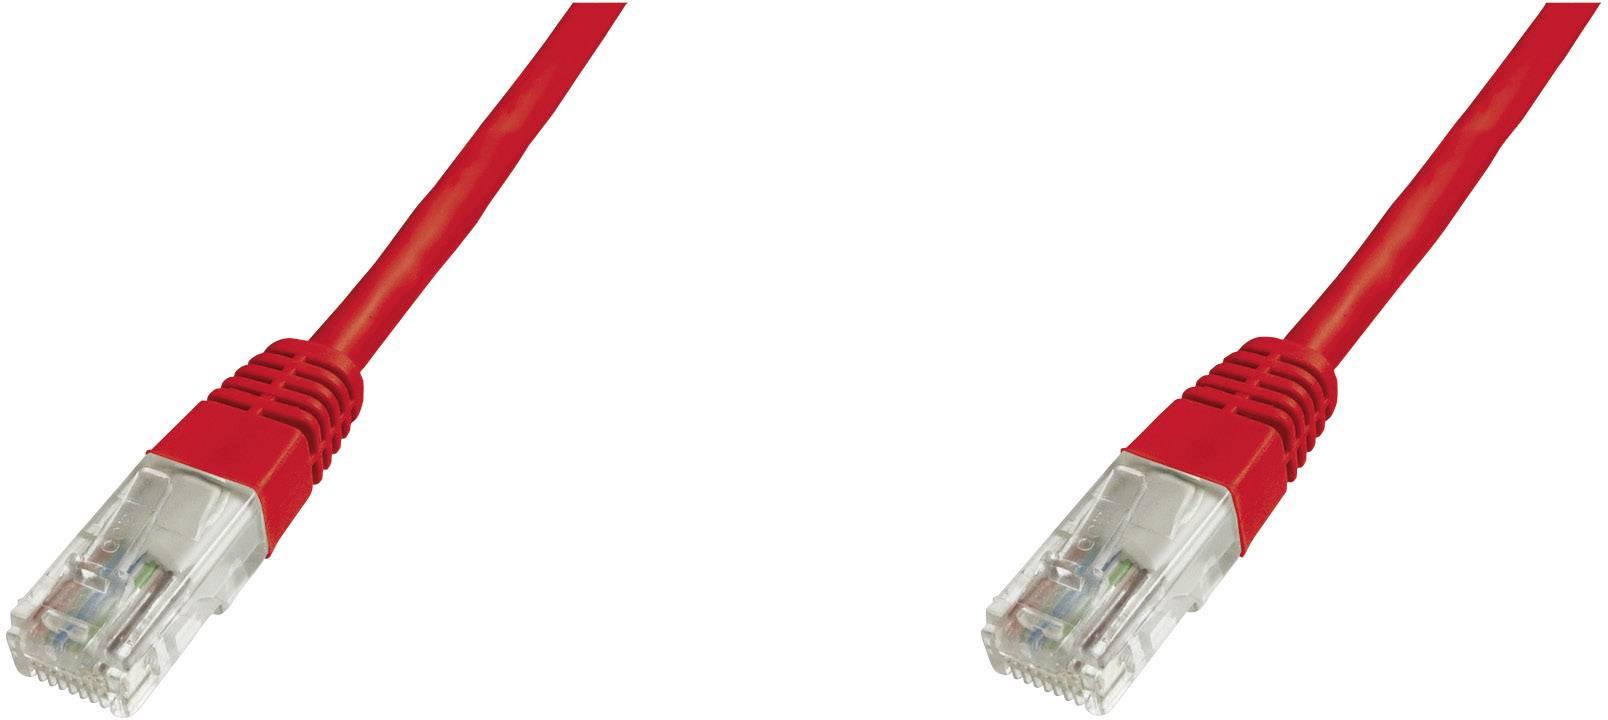 Sieťový kábel RJ45 Digitus Professional DK-1511-010/R, CAT 5e, U/UTP, 1 m, červená